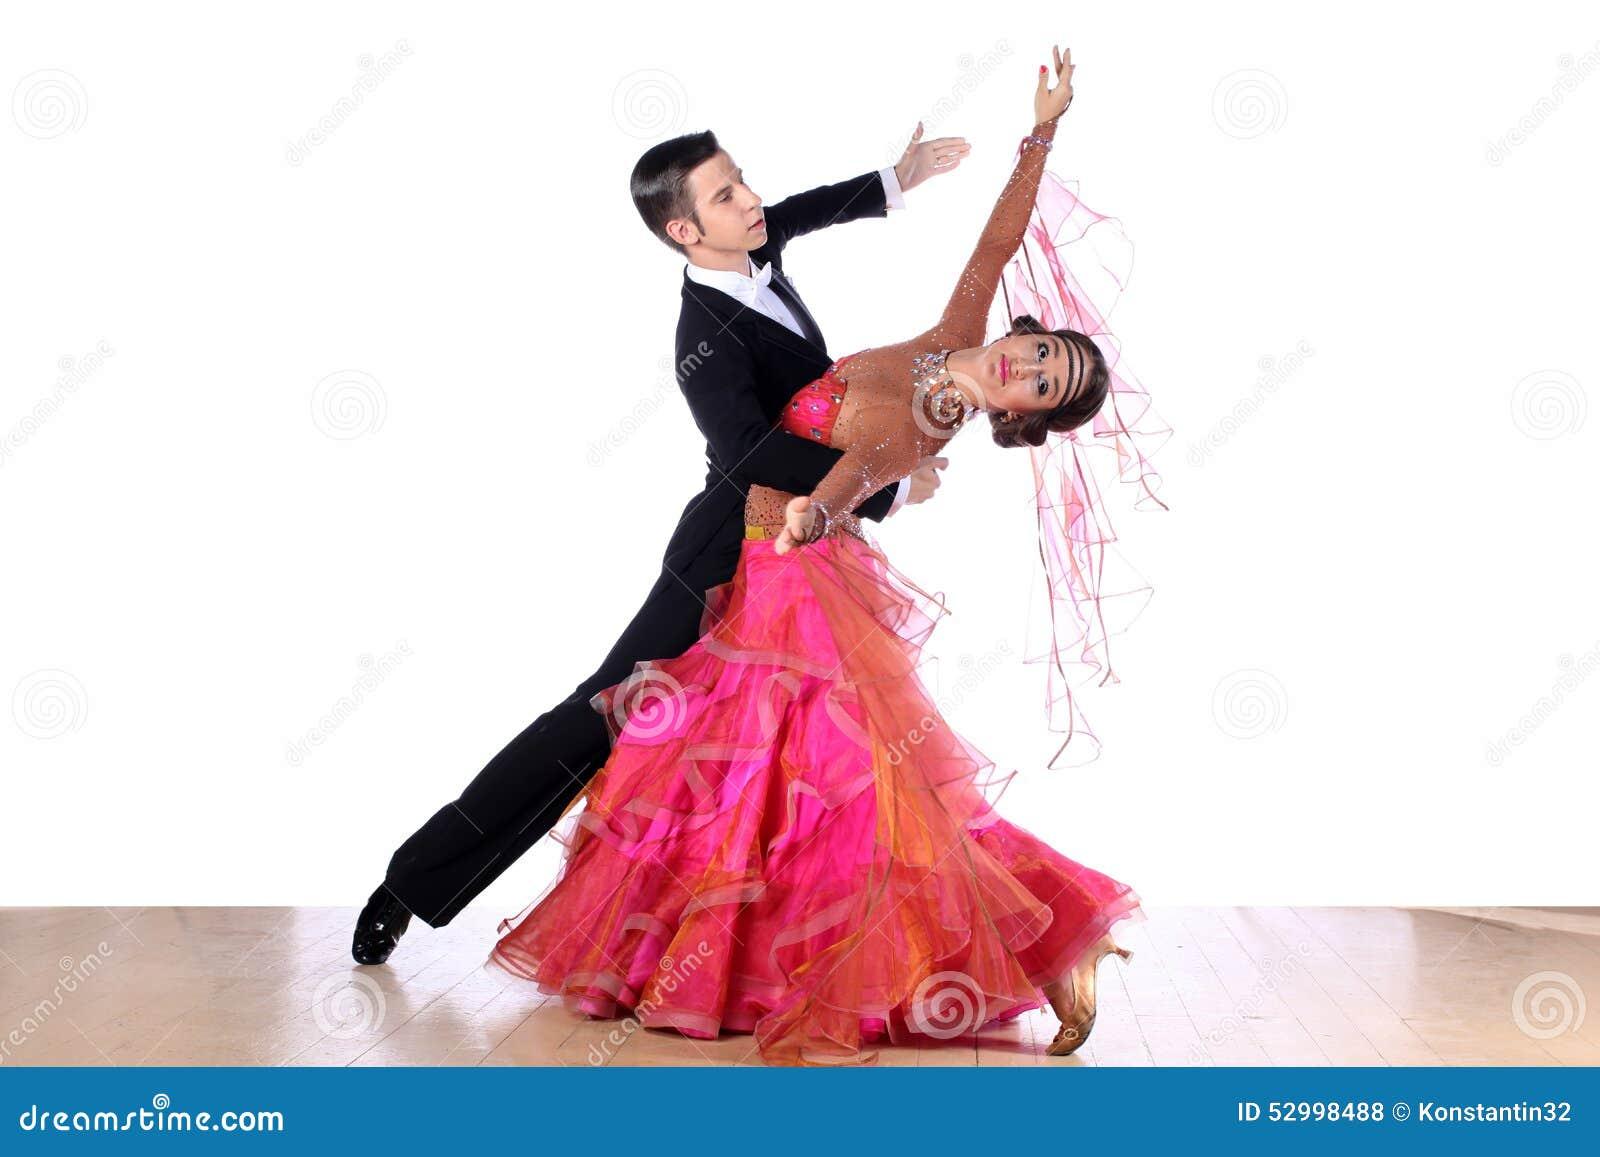 Dançarinos no salão de baile